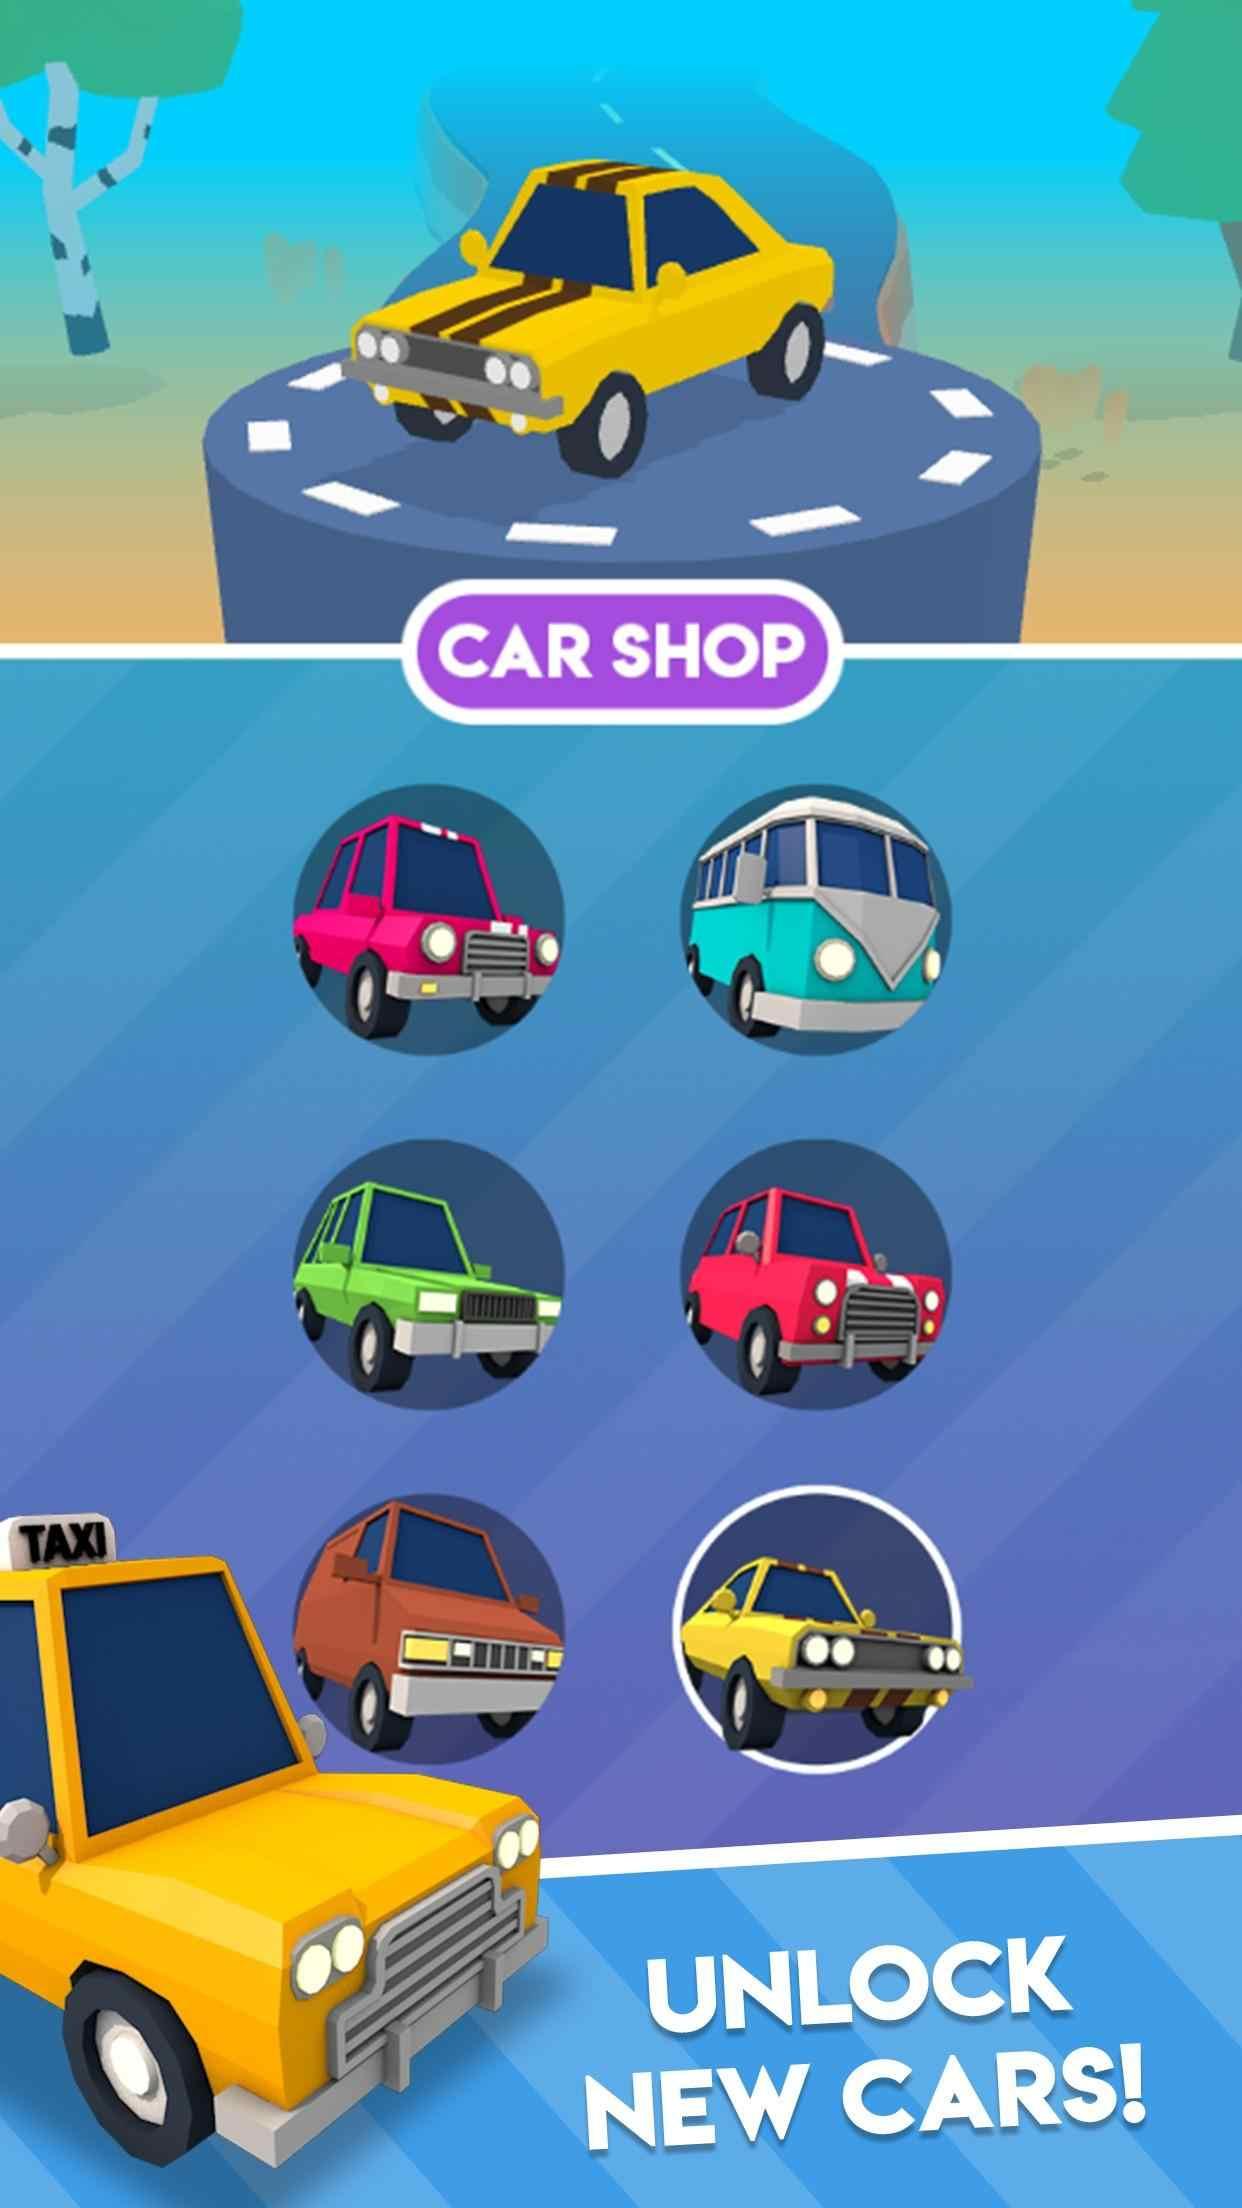 疯狂汽车游戏安卓版下载